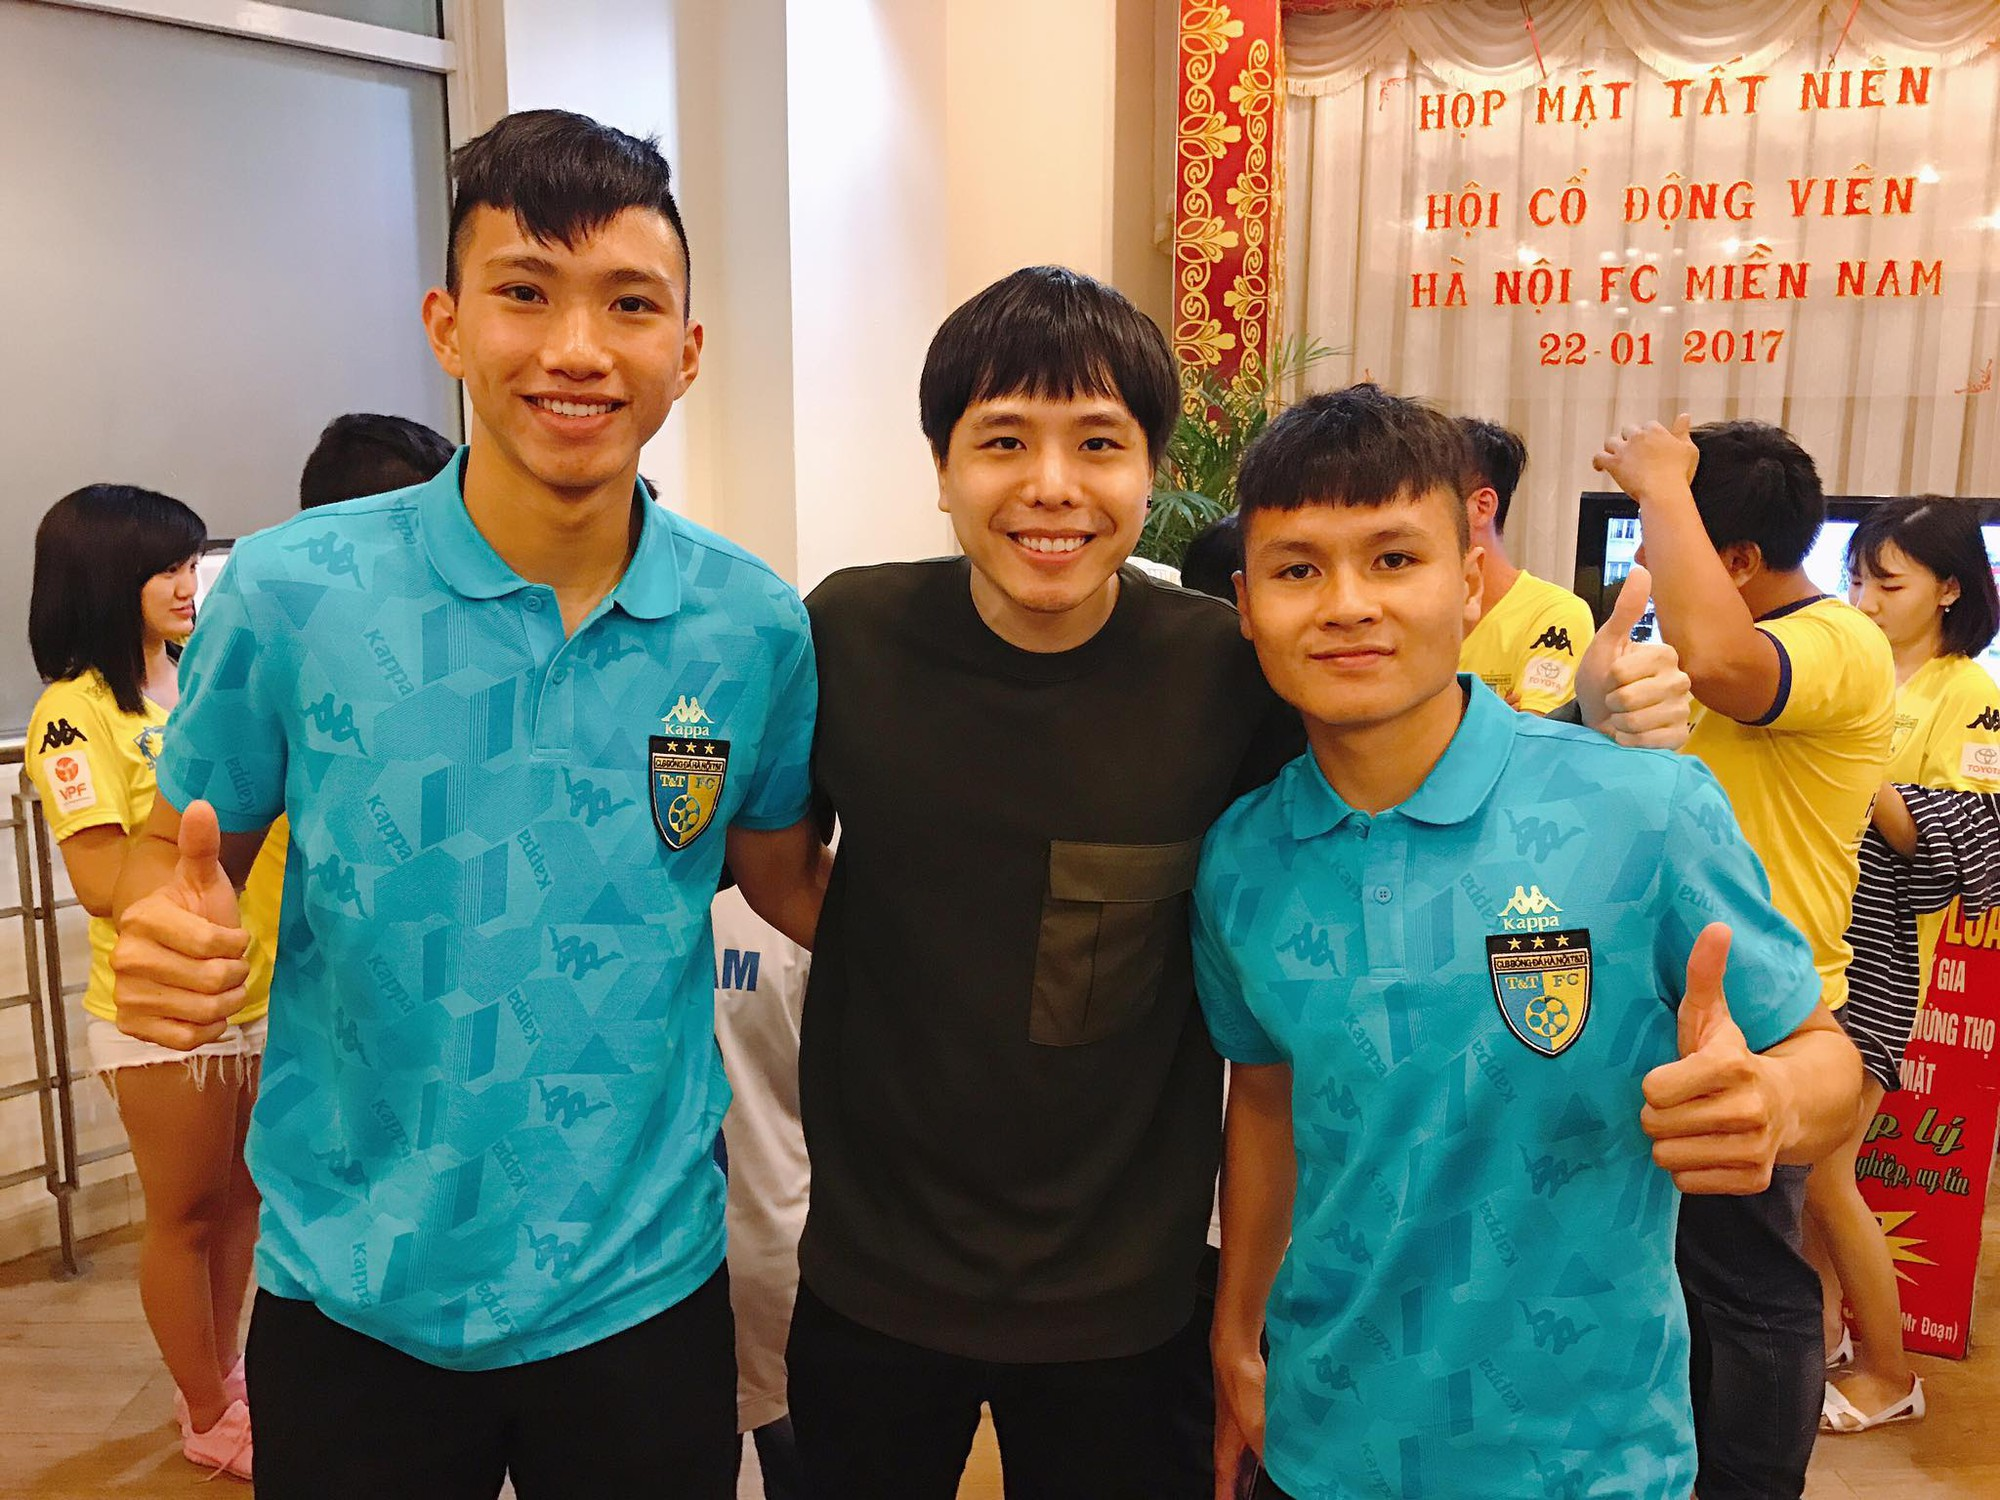 Mối quan hệ đặc biệt giữa Trịnh Thăng Bình với Duy Mạnh, Quang Hải và dàn tuyển thủ Việt đang hot nhất trên sân cỏ - Ảnh 7.